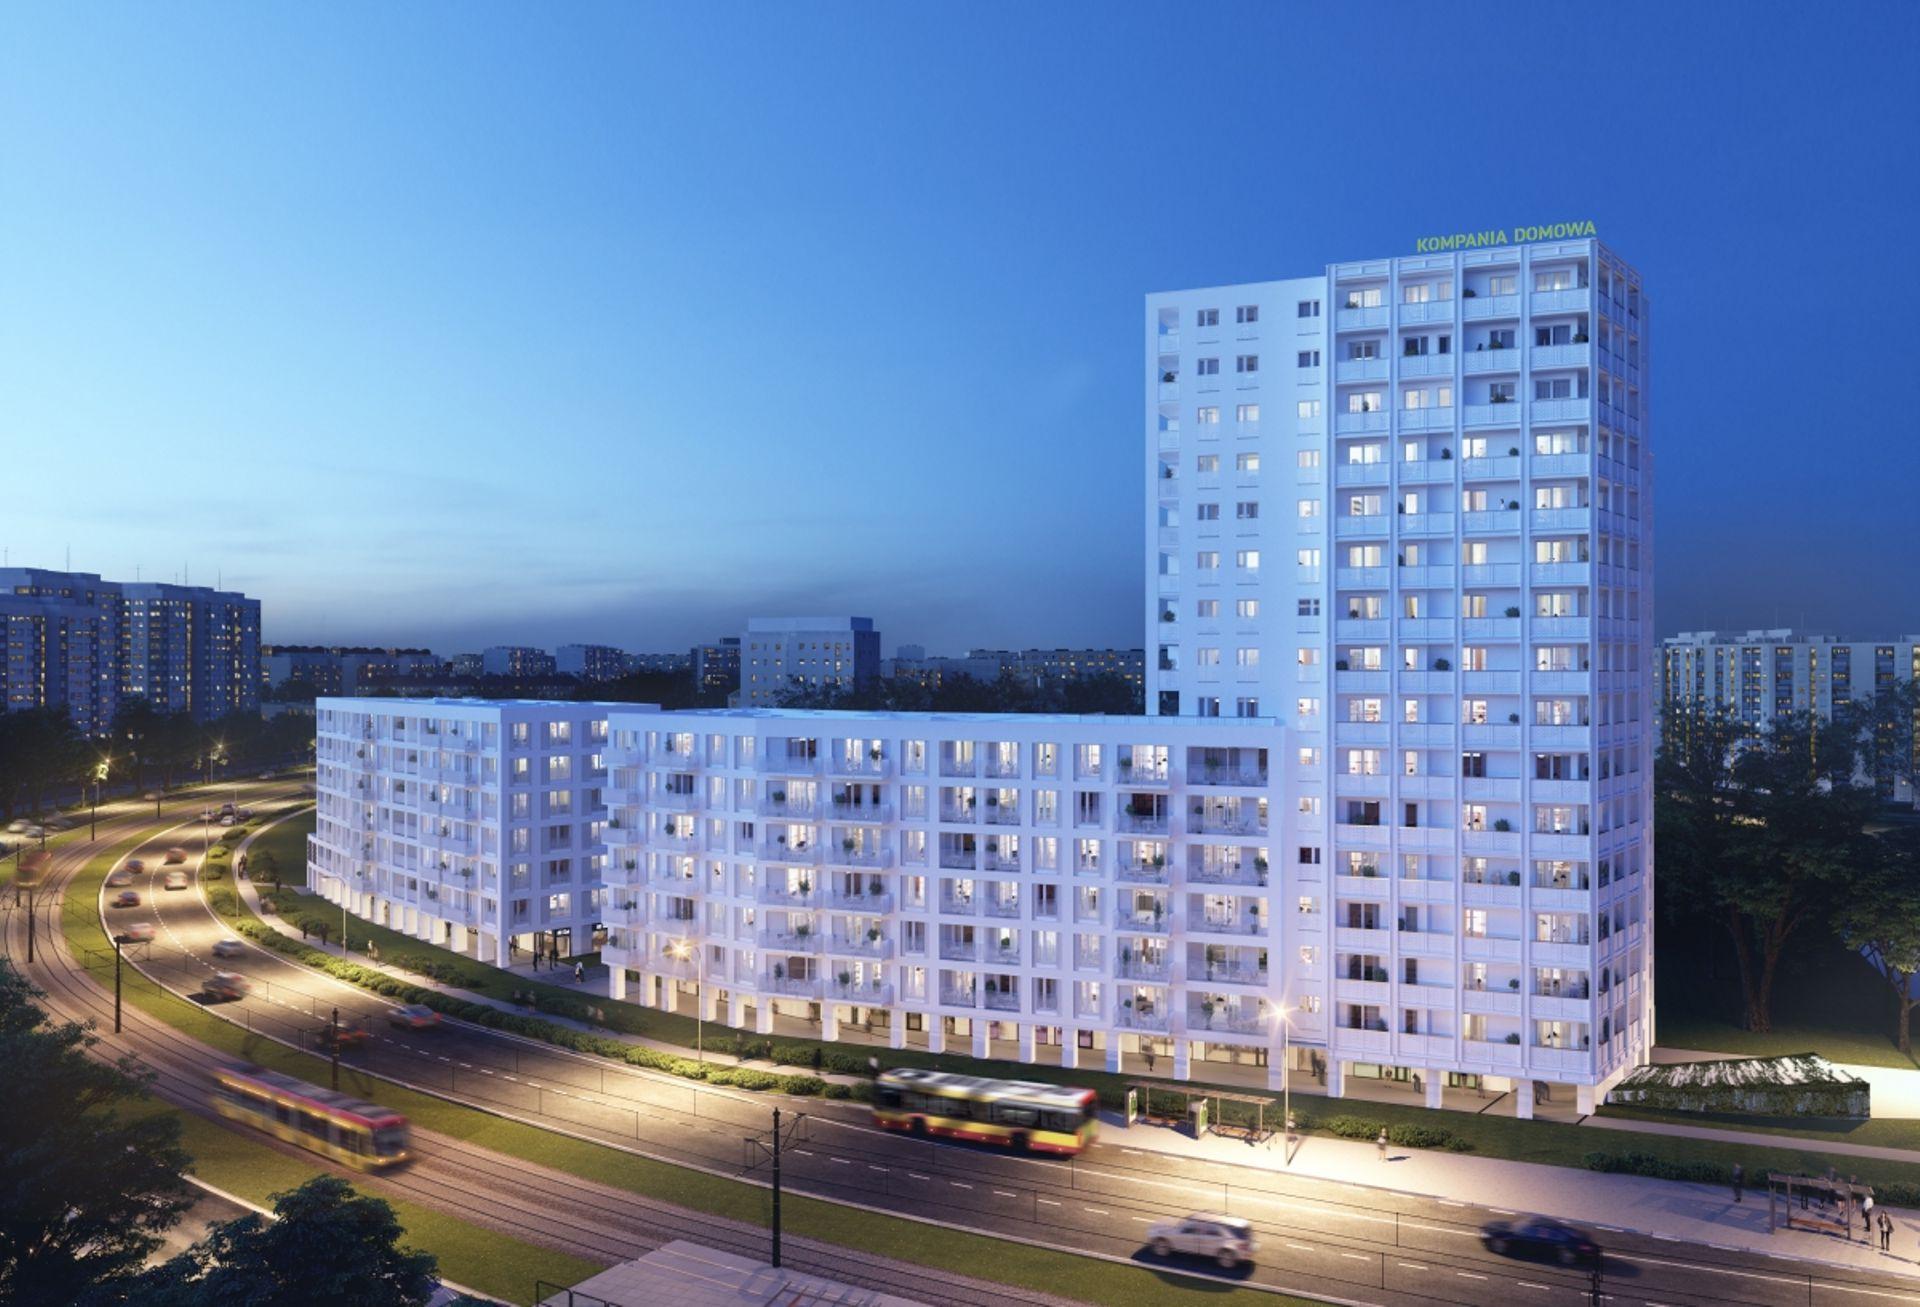 Warszawa: Biały Dom – najwyższy budynek na Białołęce od Kompanii Domowej pnie się w górę